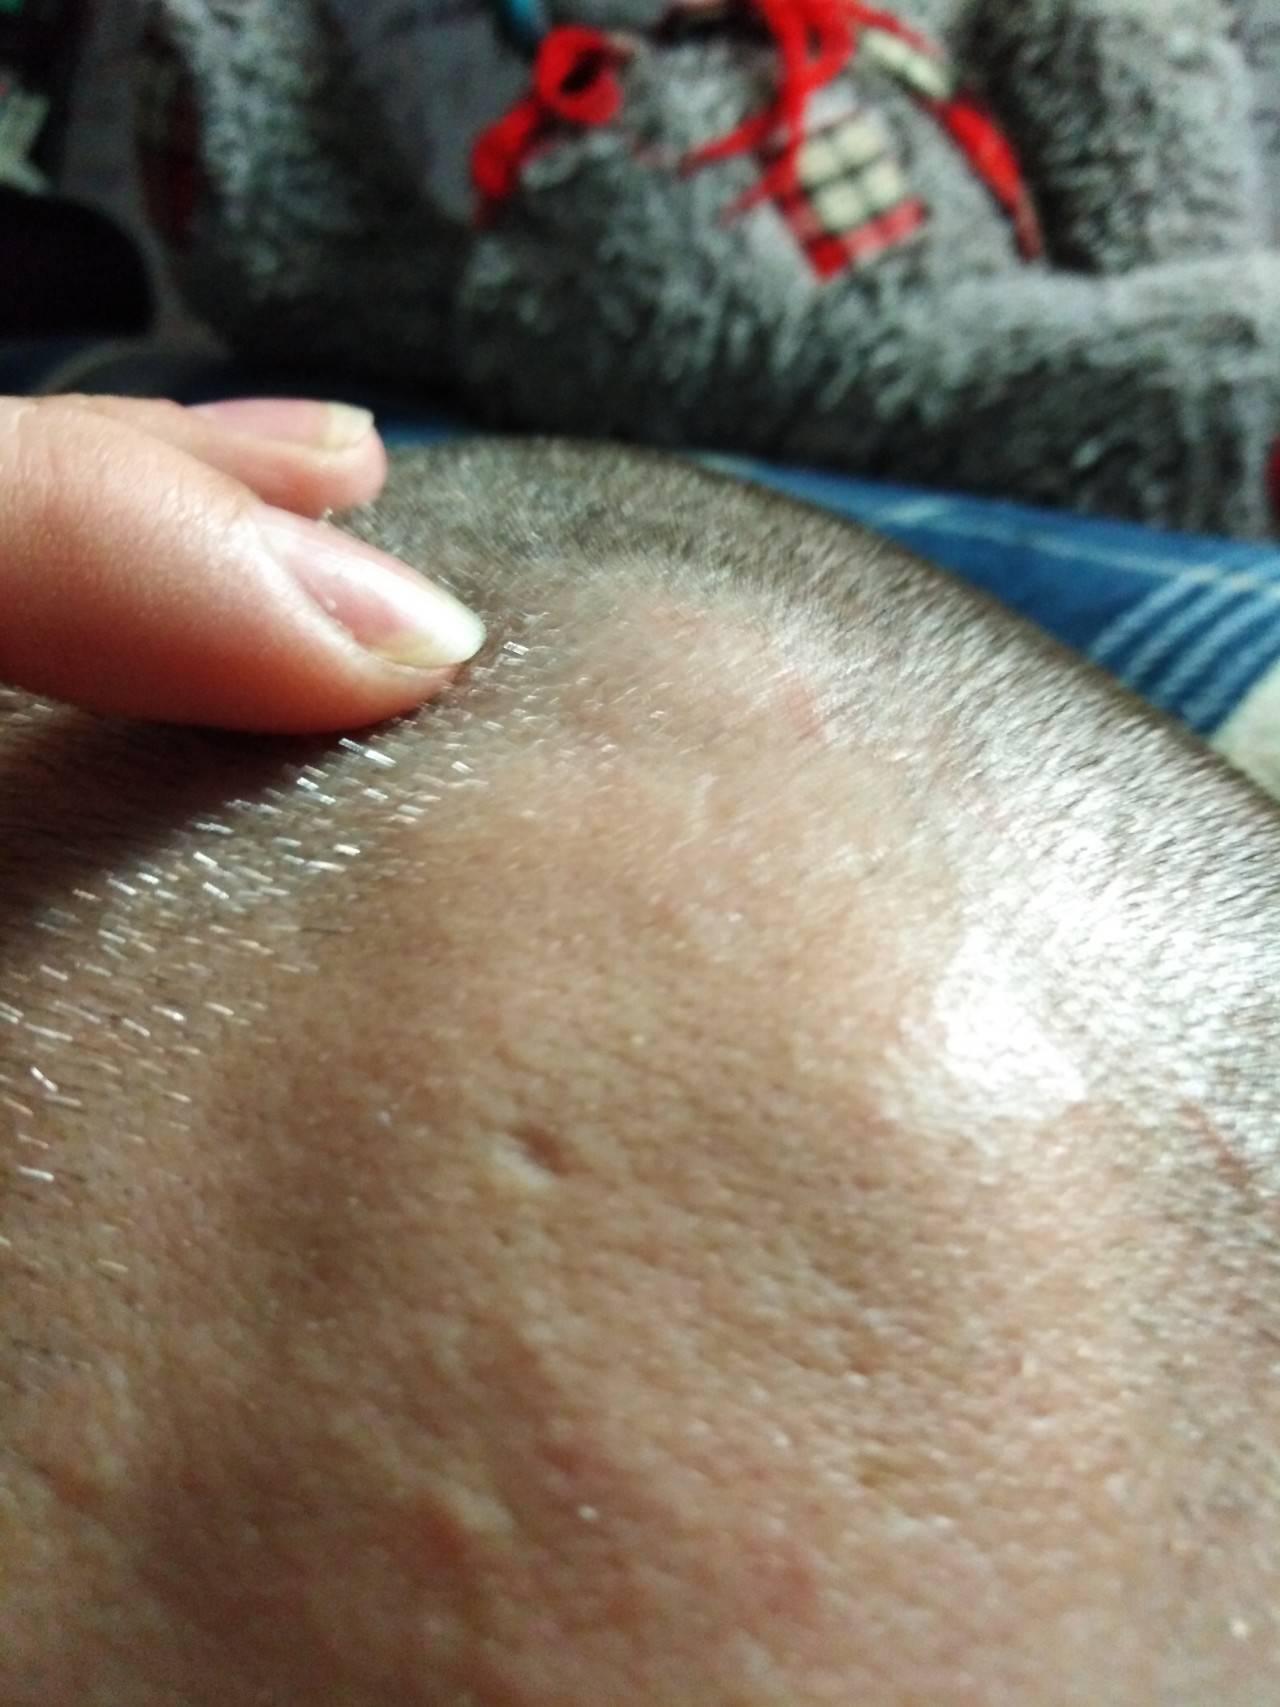 Шишка у ребенка на голове после падения: первая помощь и лечение